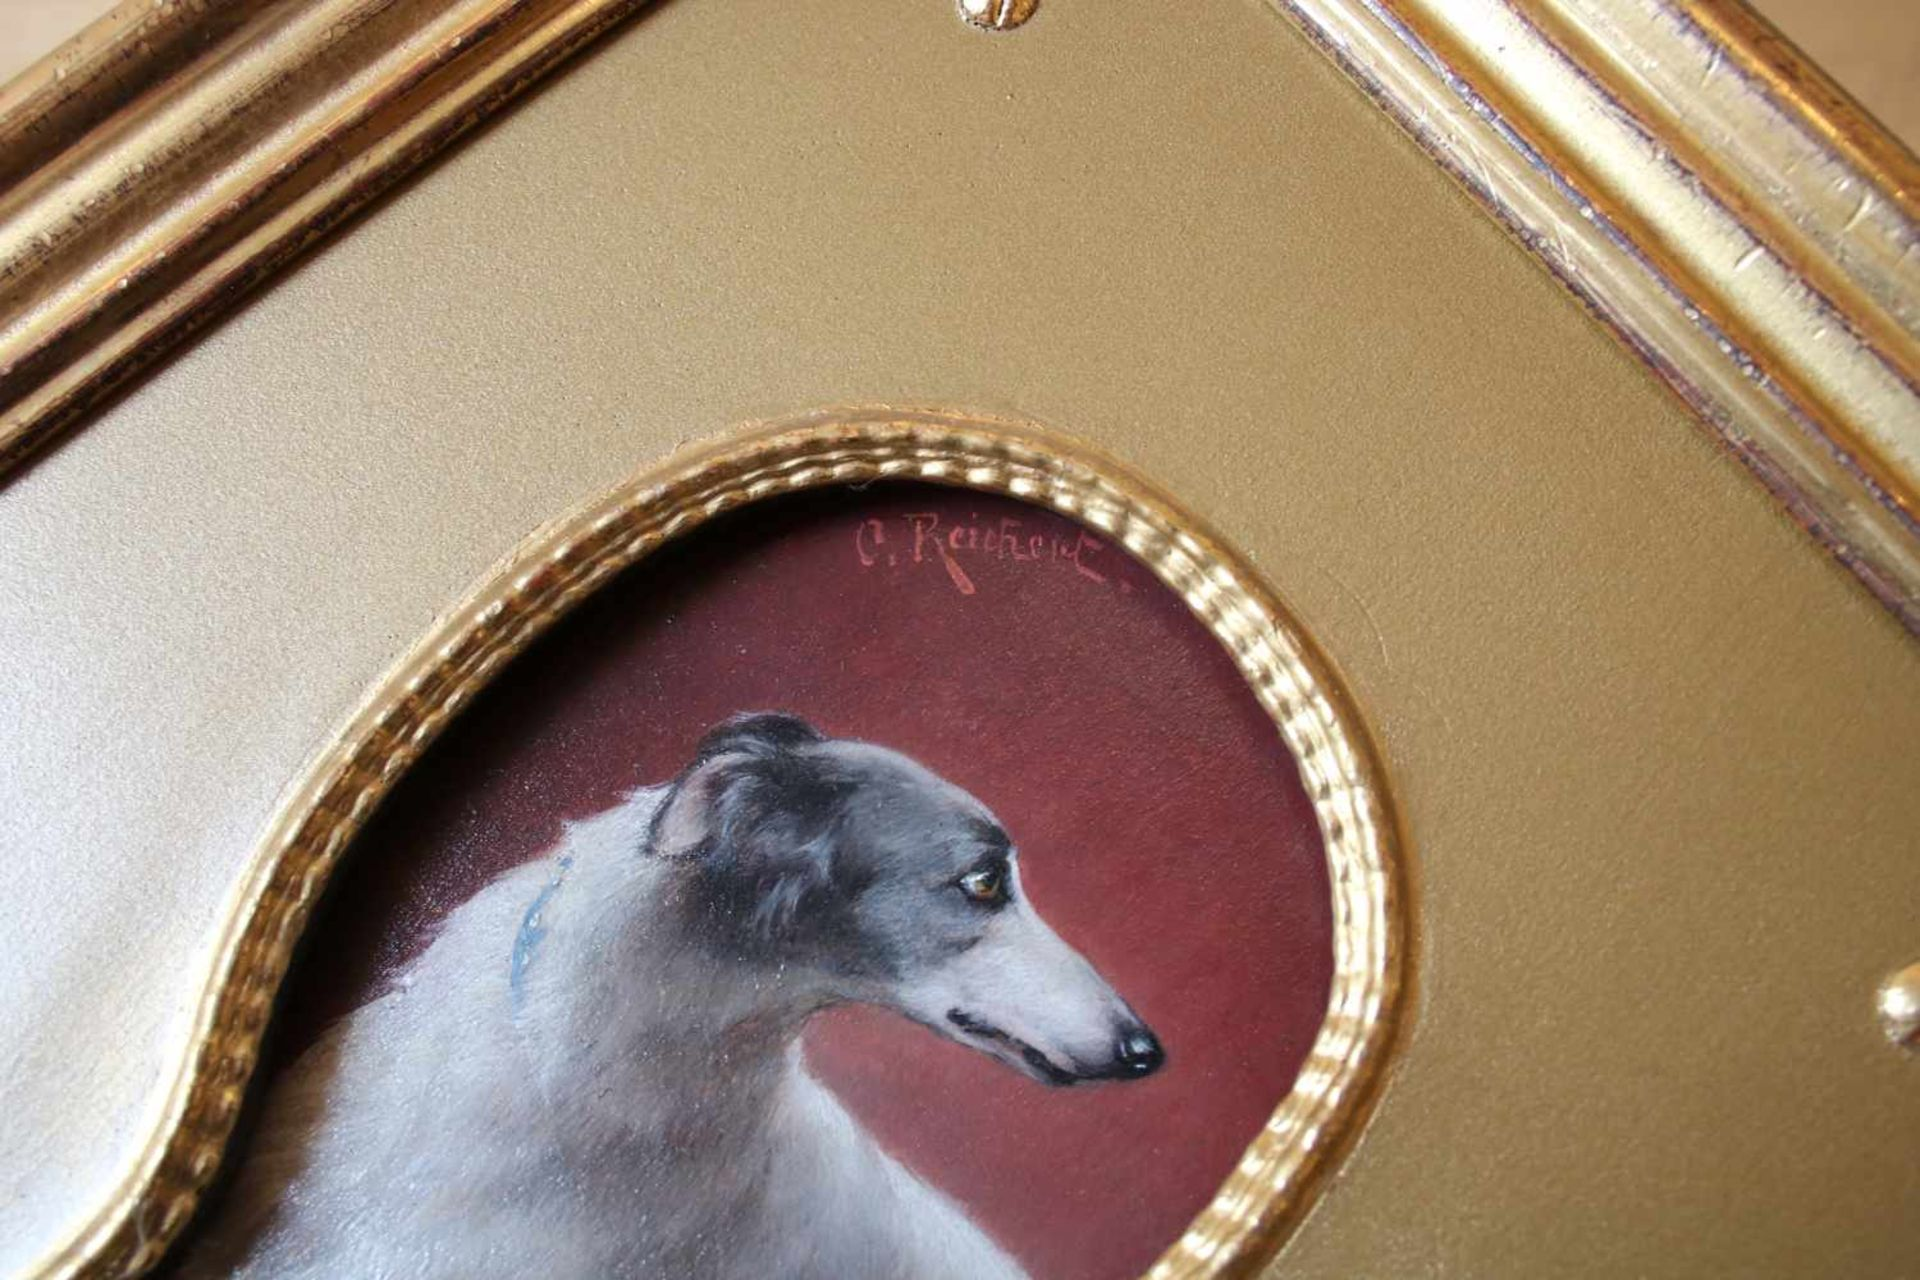 Carl Reichert (1836 - 1918) Hundeportrait durch das Schlüsselloch Öl auf Holz Signiert 17,5 x 8,5 - Bild 2 aus 2